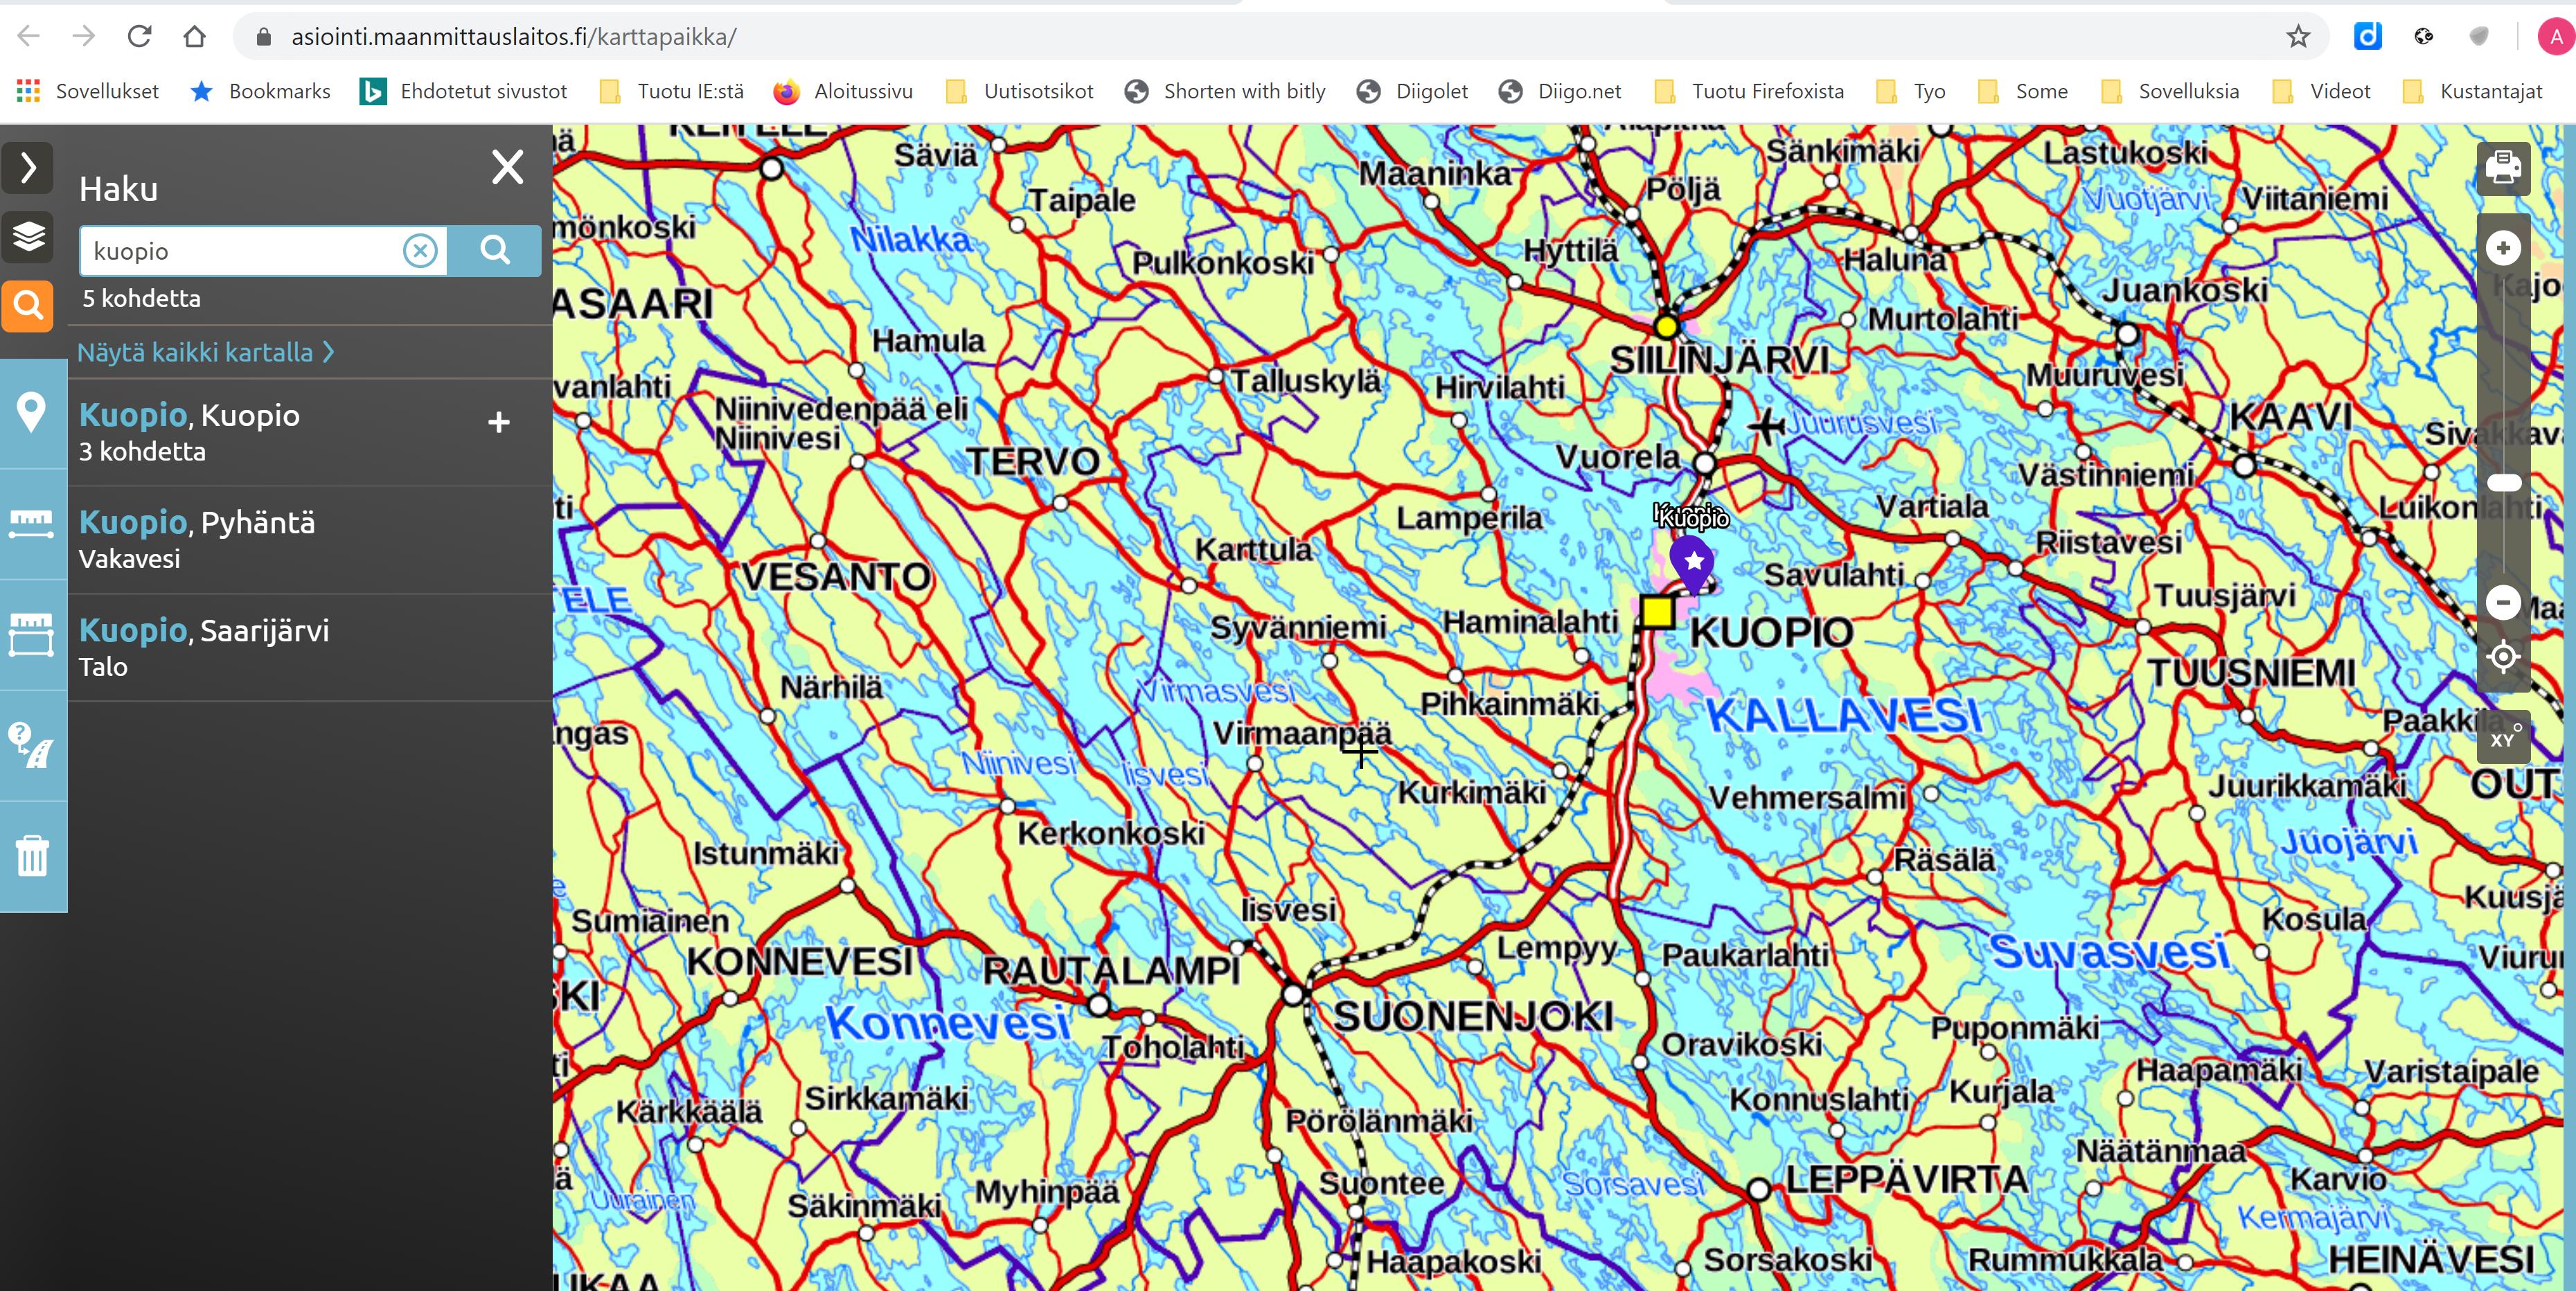 Maamittauslaitoksen karttapaikka: Linkin tekeminen